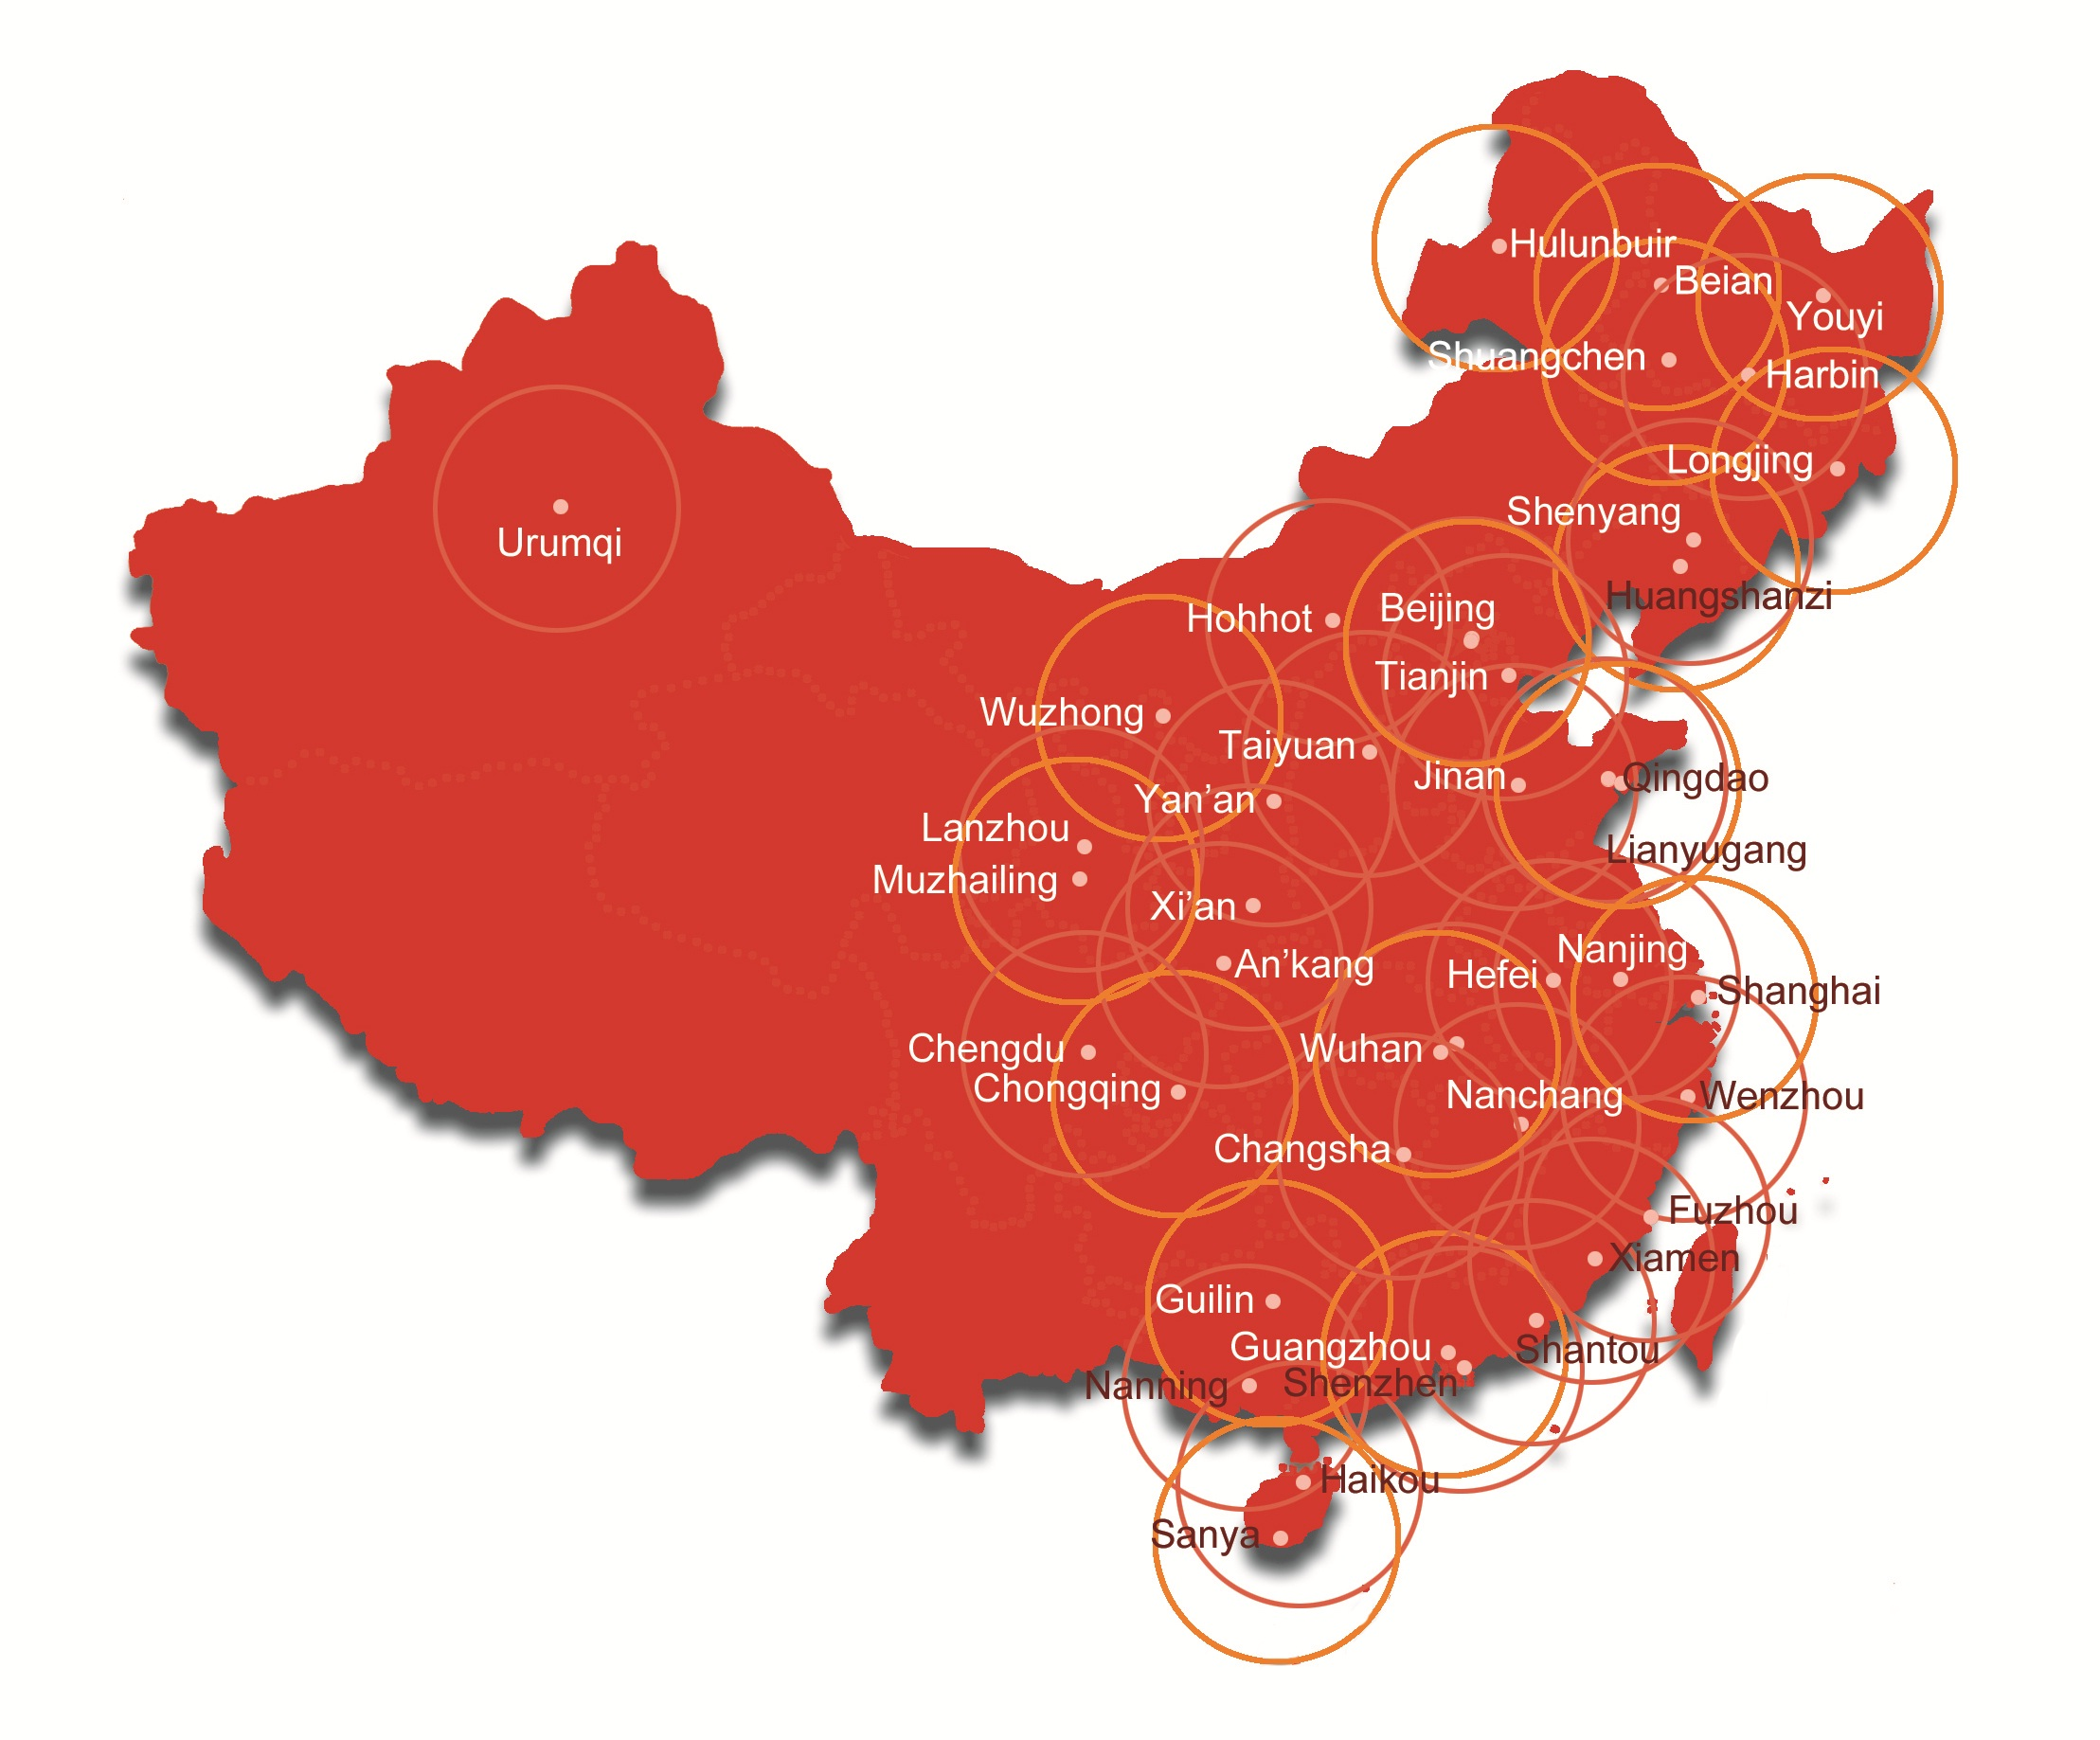 SELEX Sistemi Integrati wins contracts in China for ATC radar systems